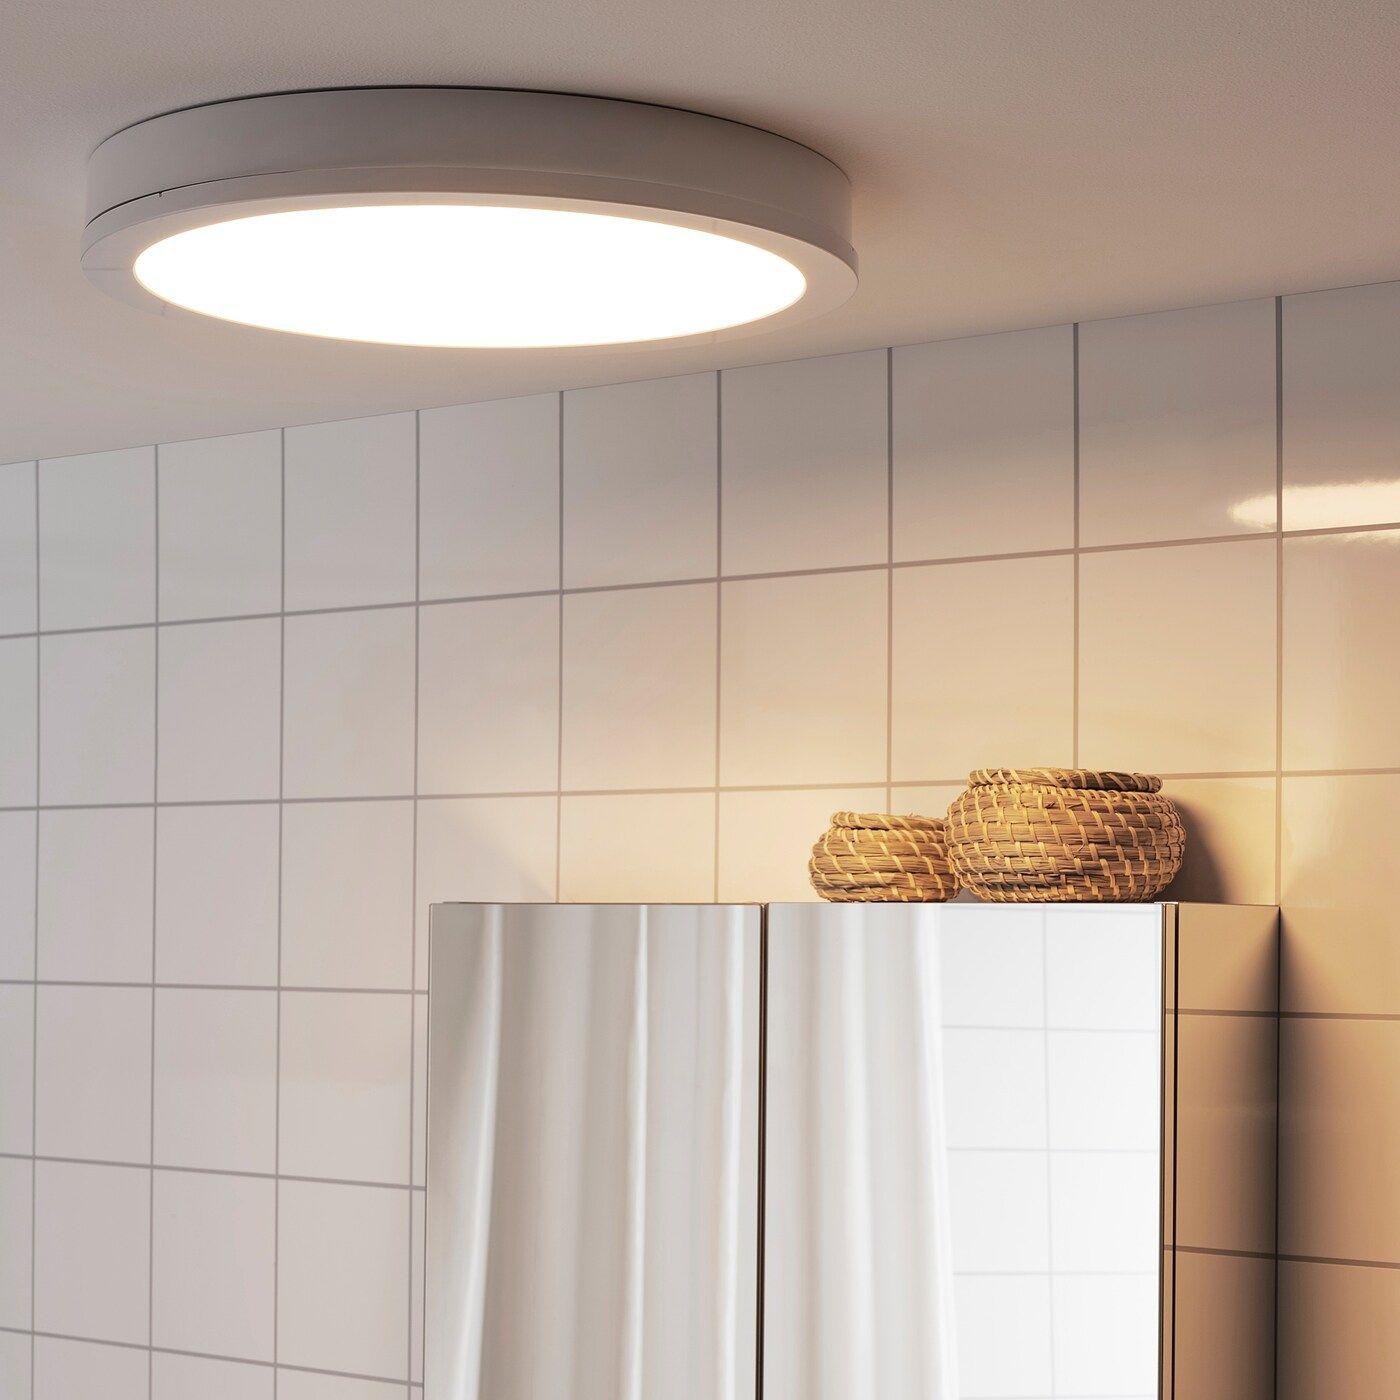 Wandlampe Wandleuchte Keramik Style 1600 für LEDs Lampe Leuchte Beleuchtung